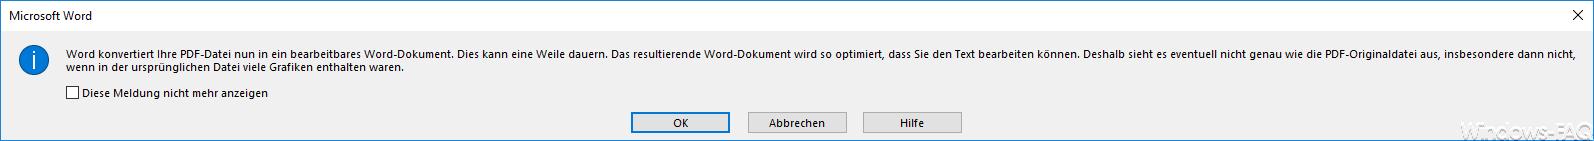 Word konvertiert Ihr PDF-Datei